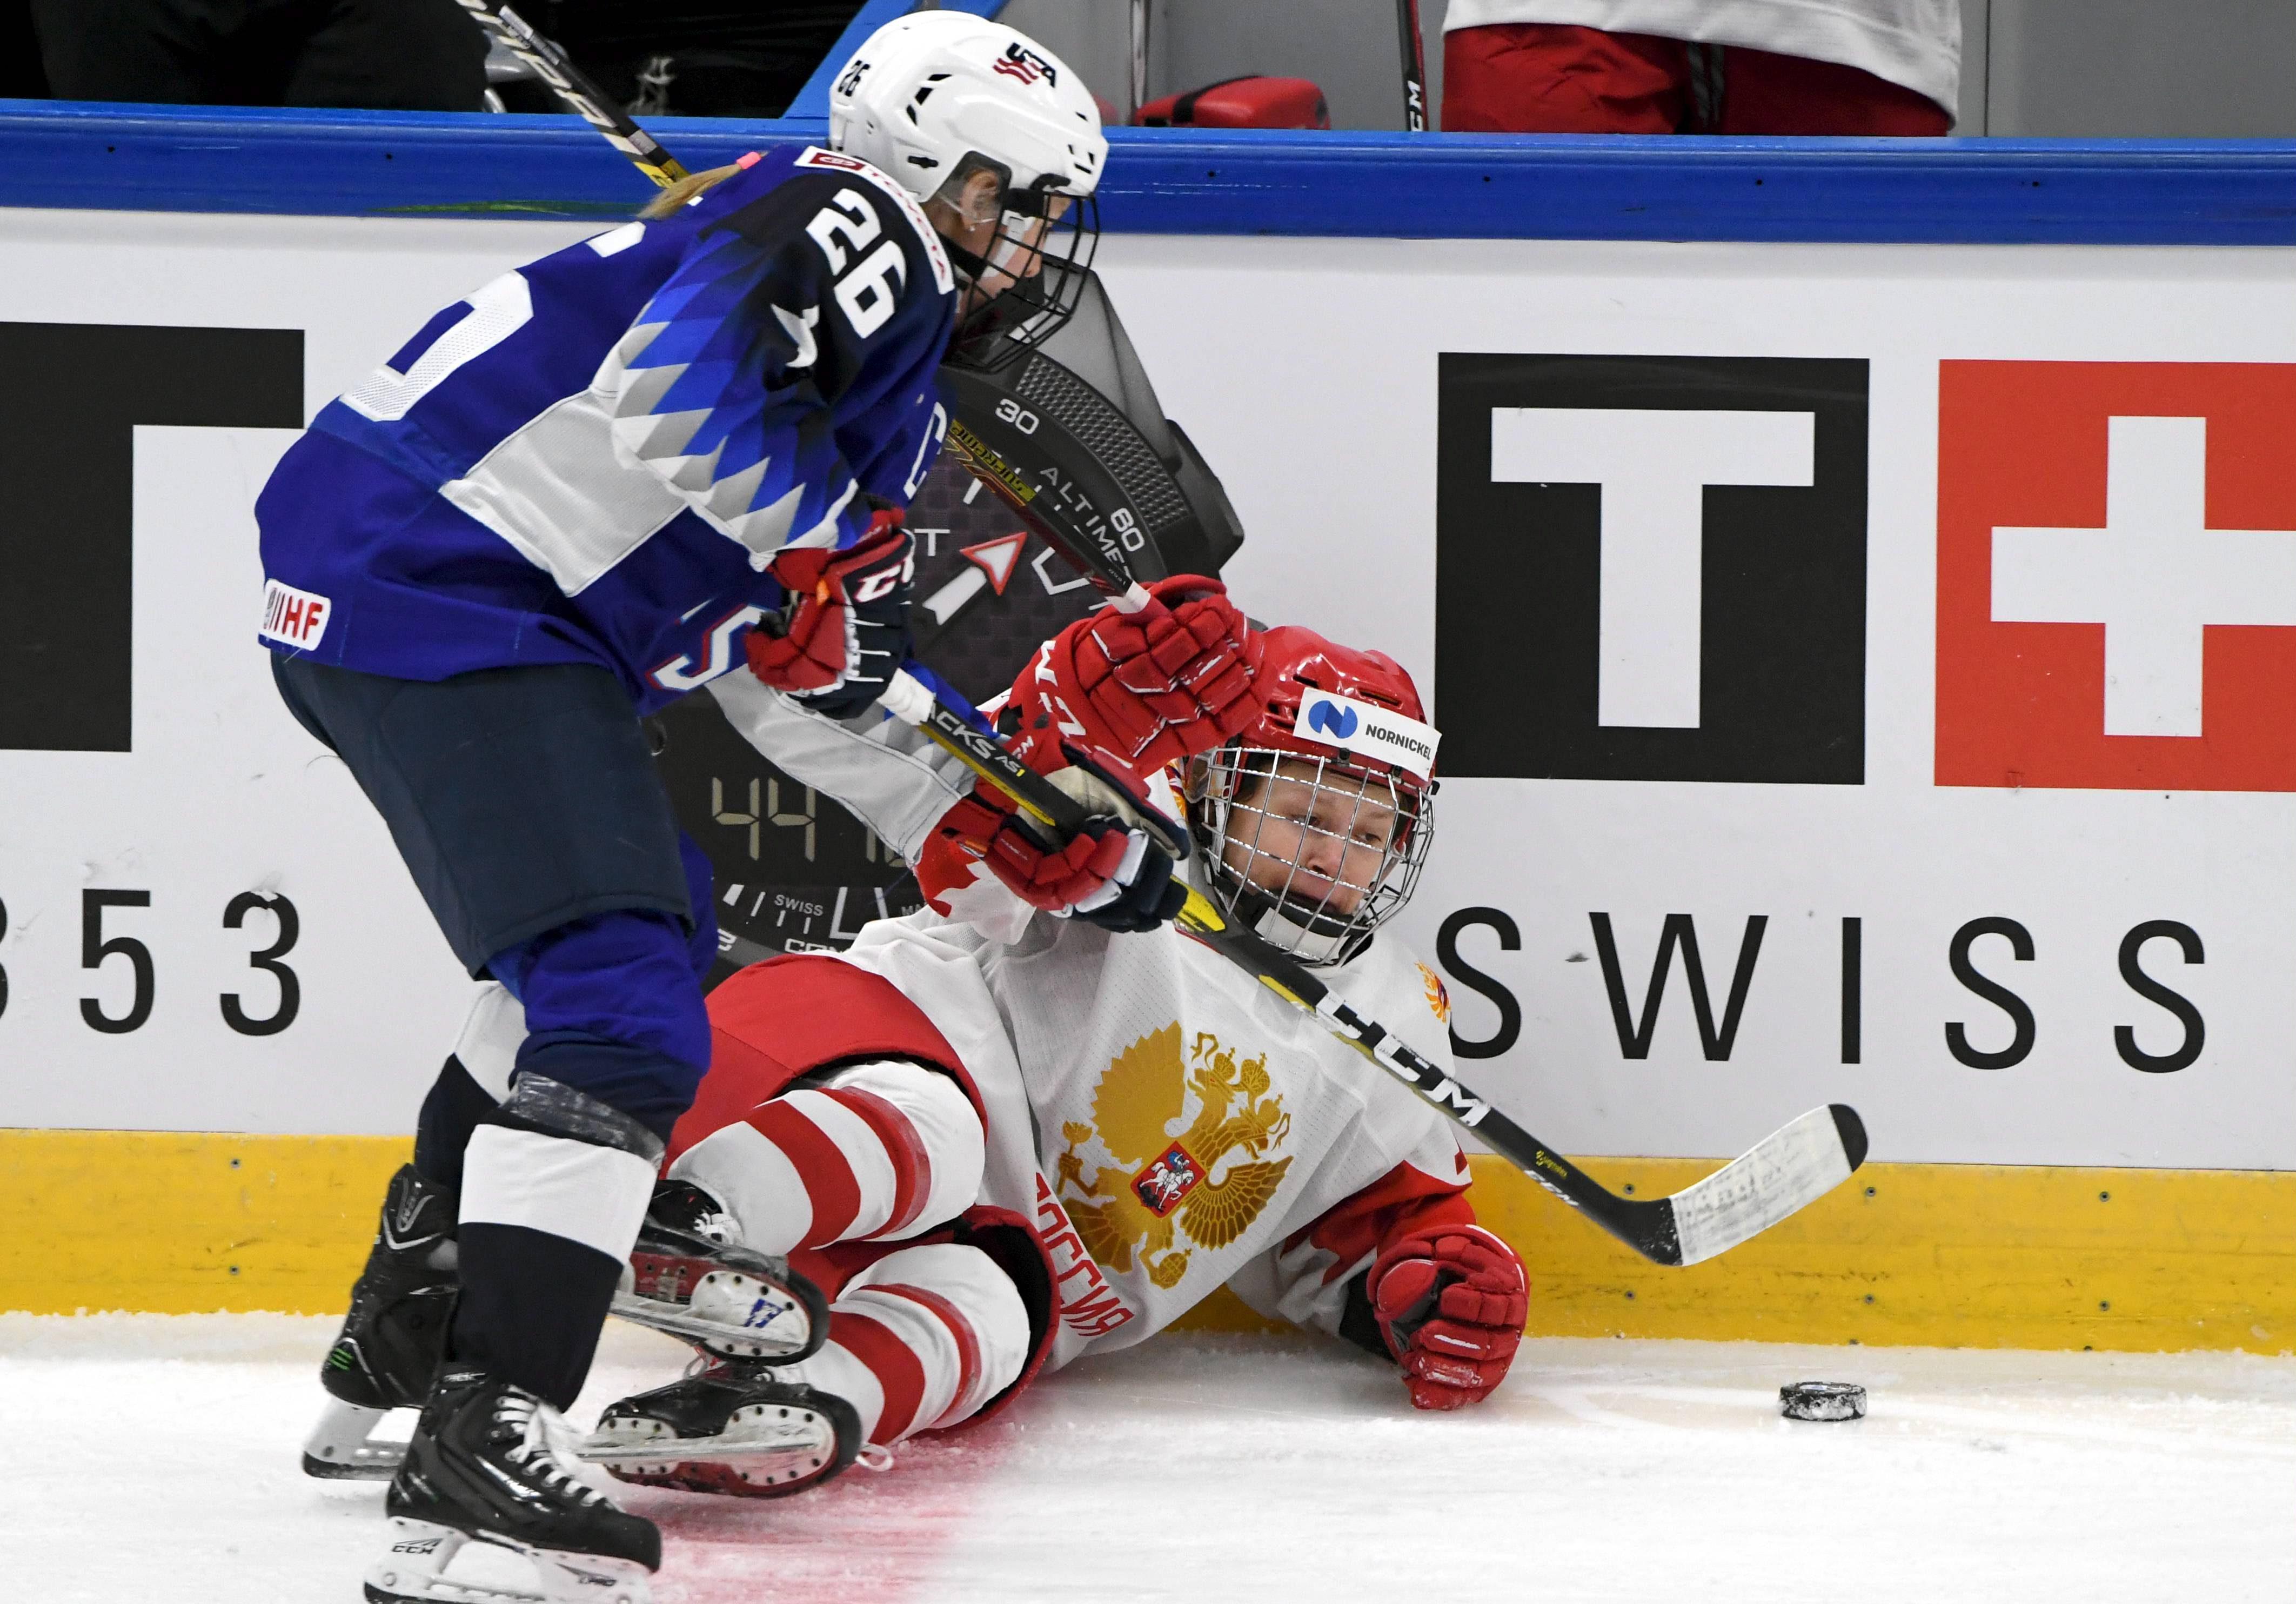 IHOCKEY-WC-IIHF-US-RUS